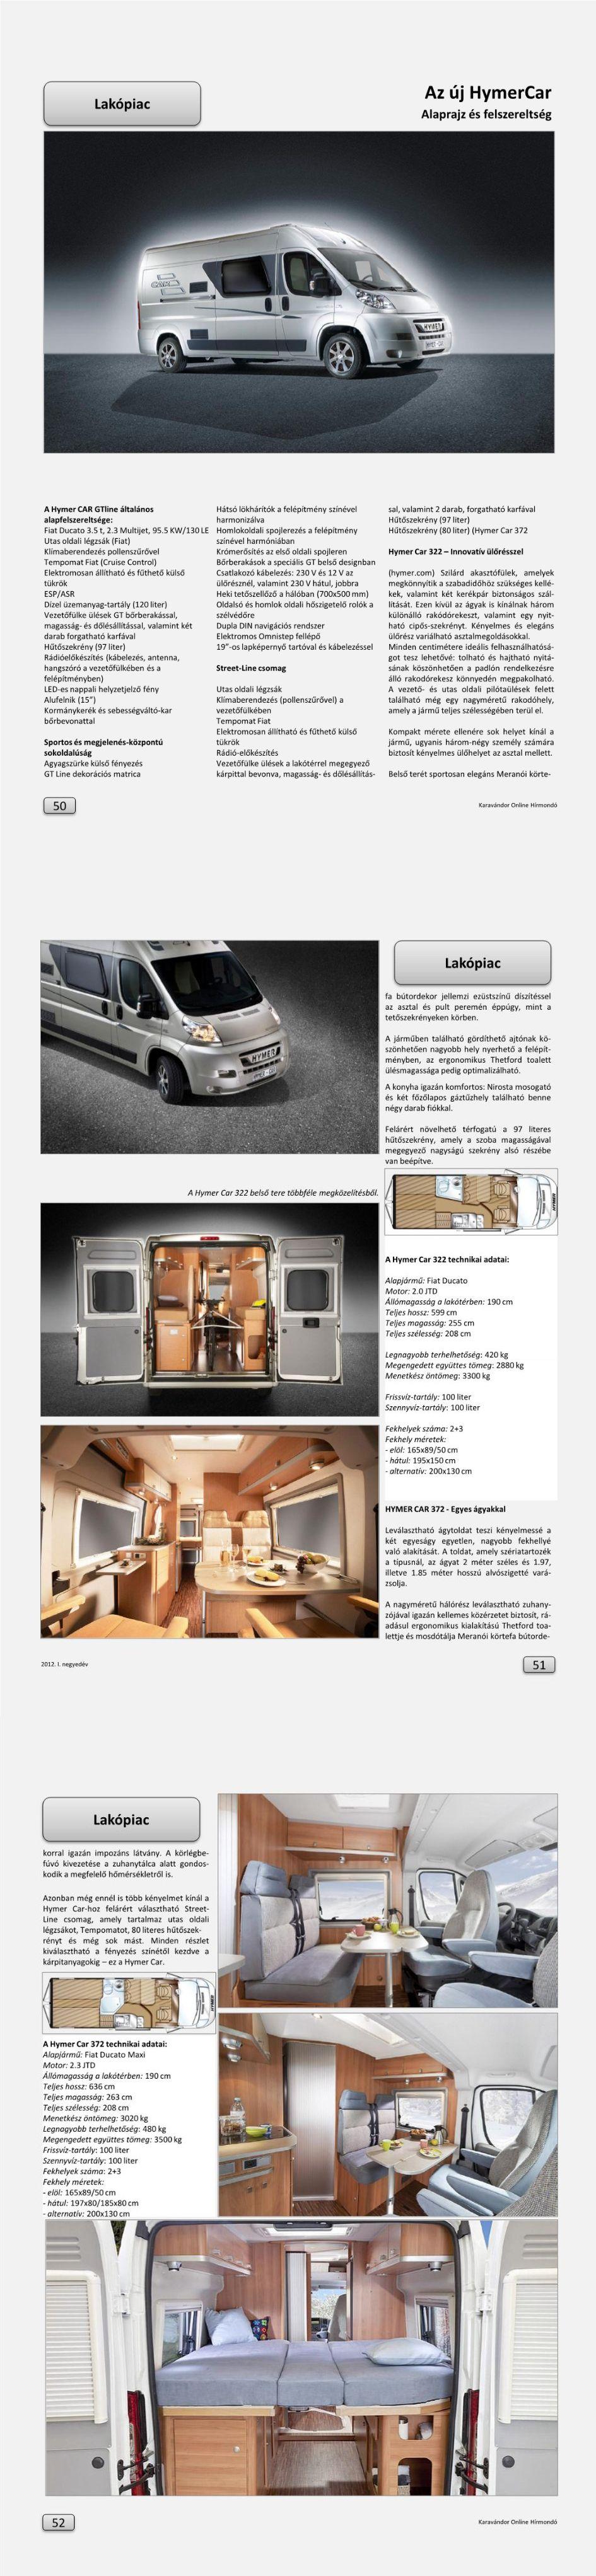 Lakópiac - Az új HymerCar